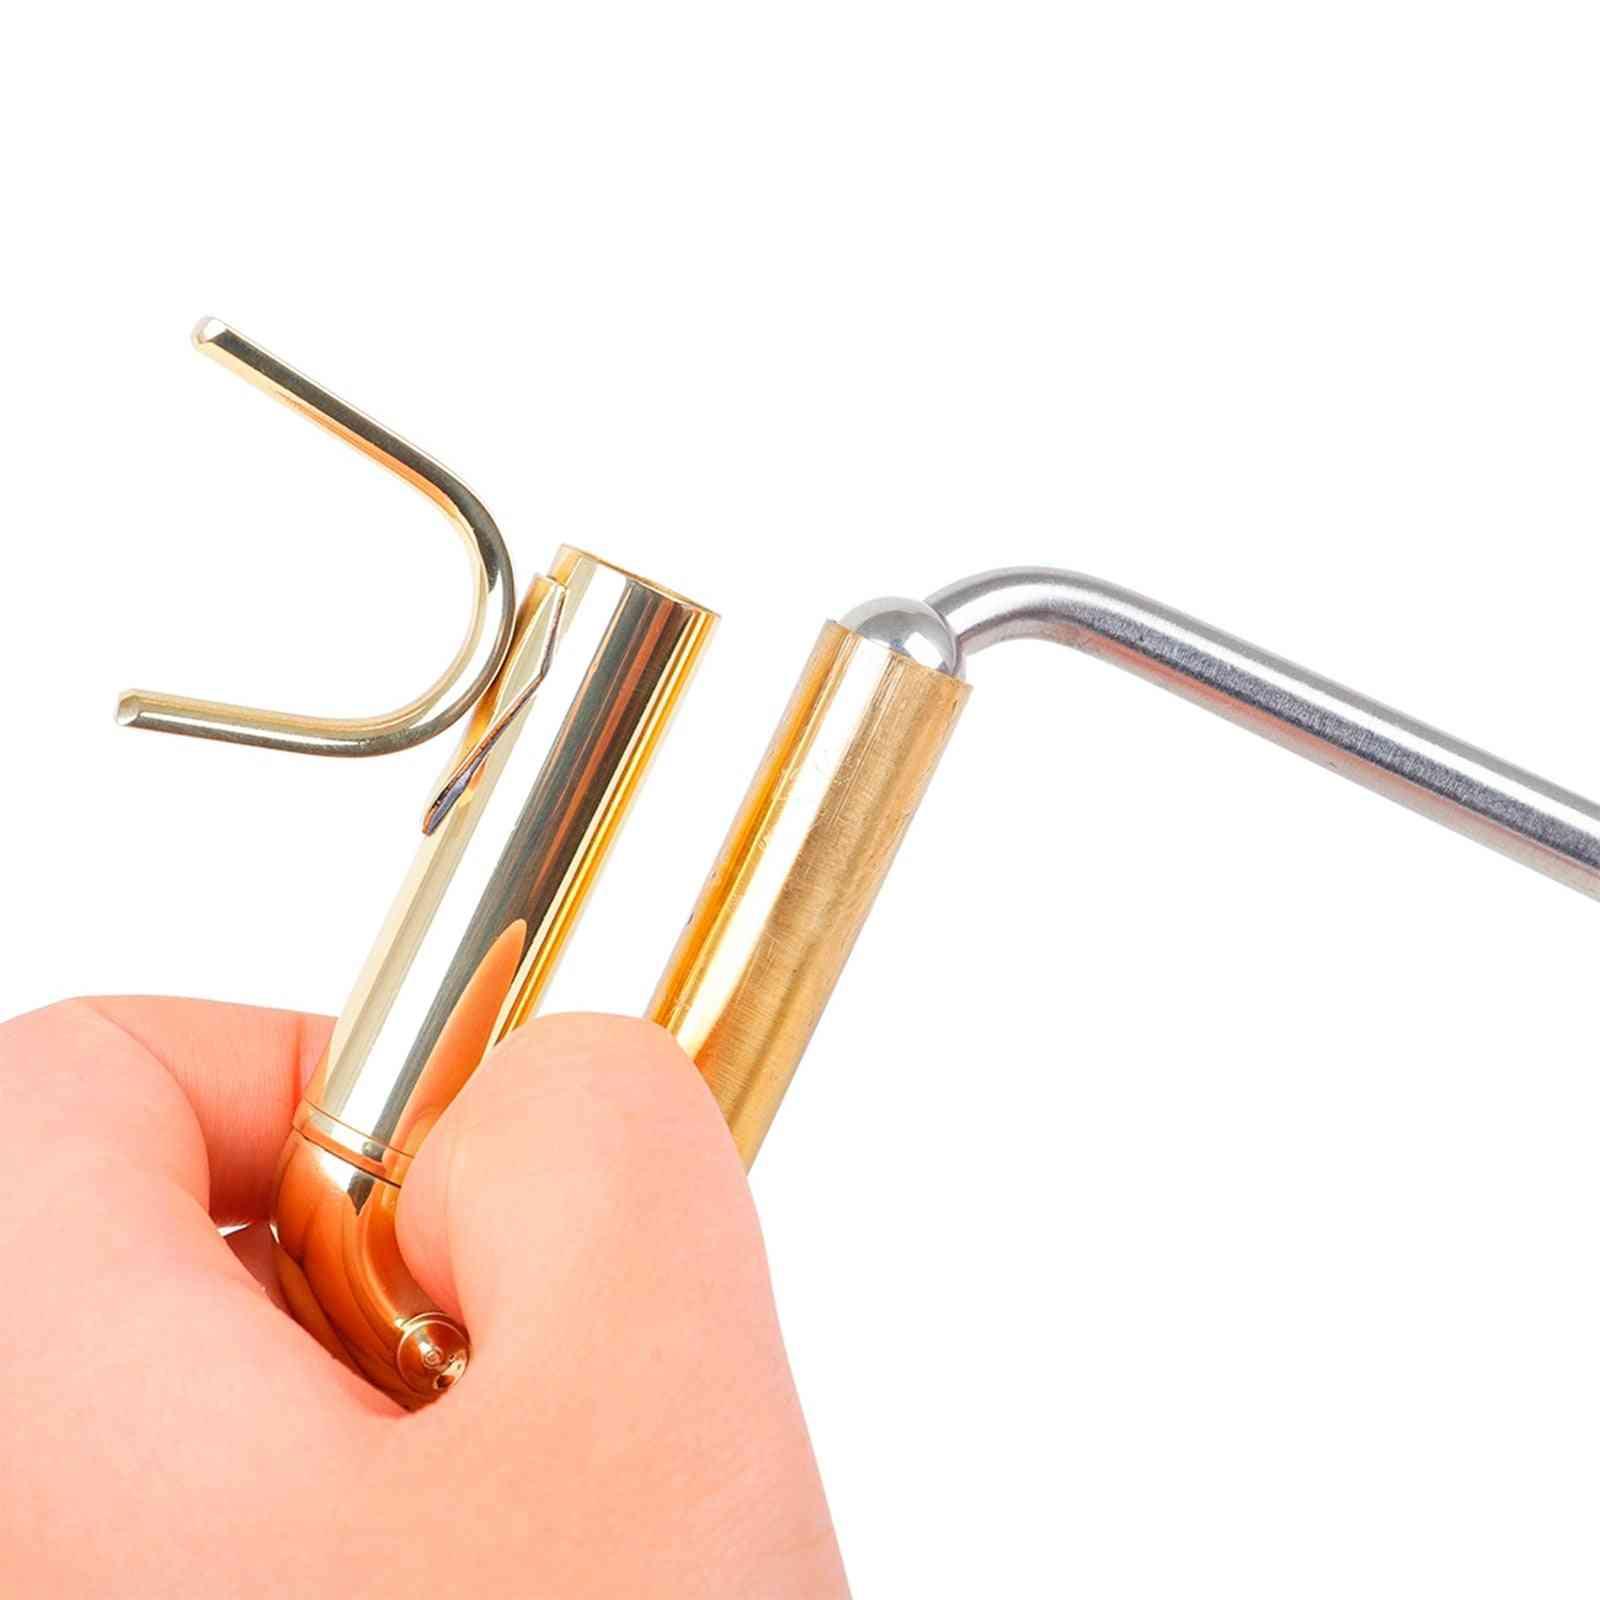 Trumpet Repair Tool Comfort Handle